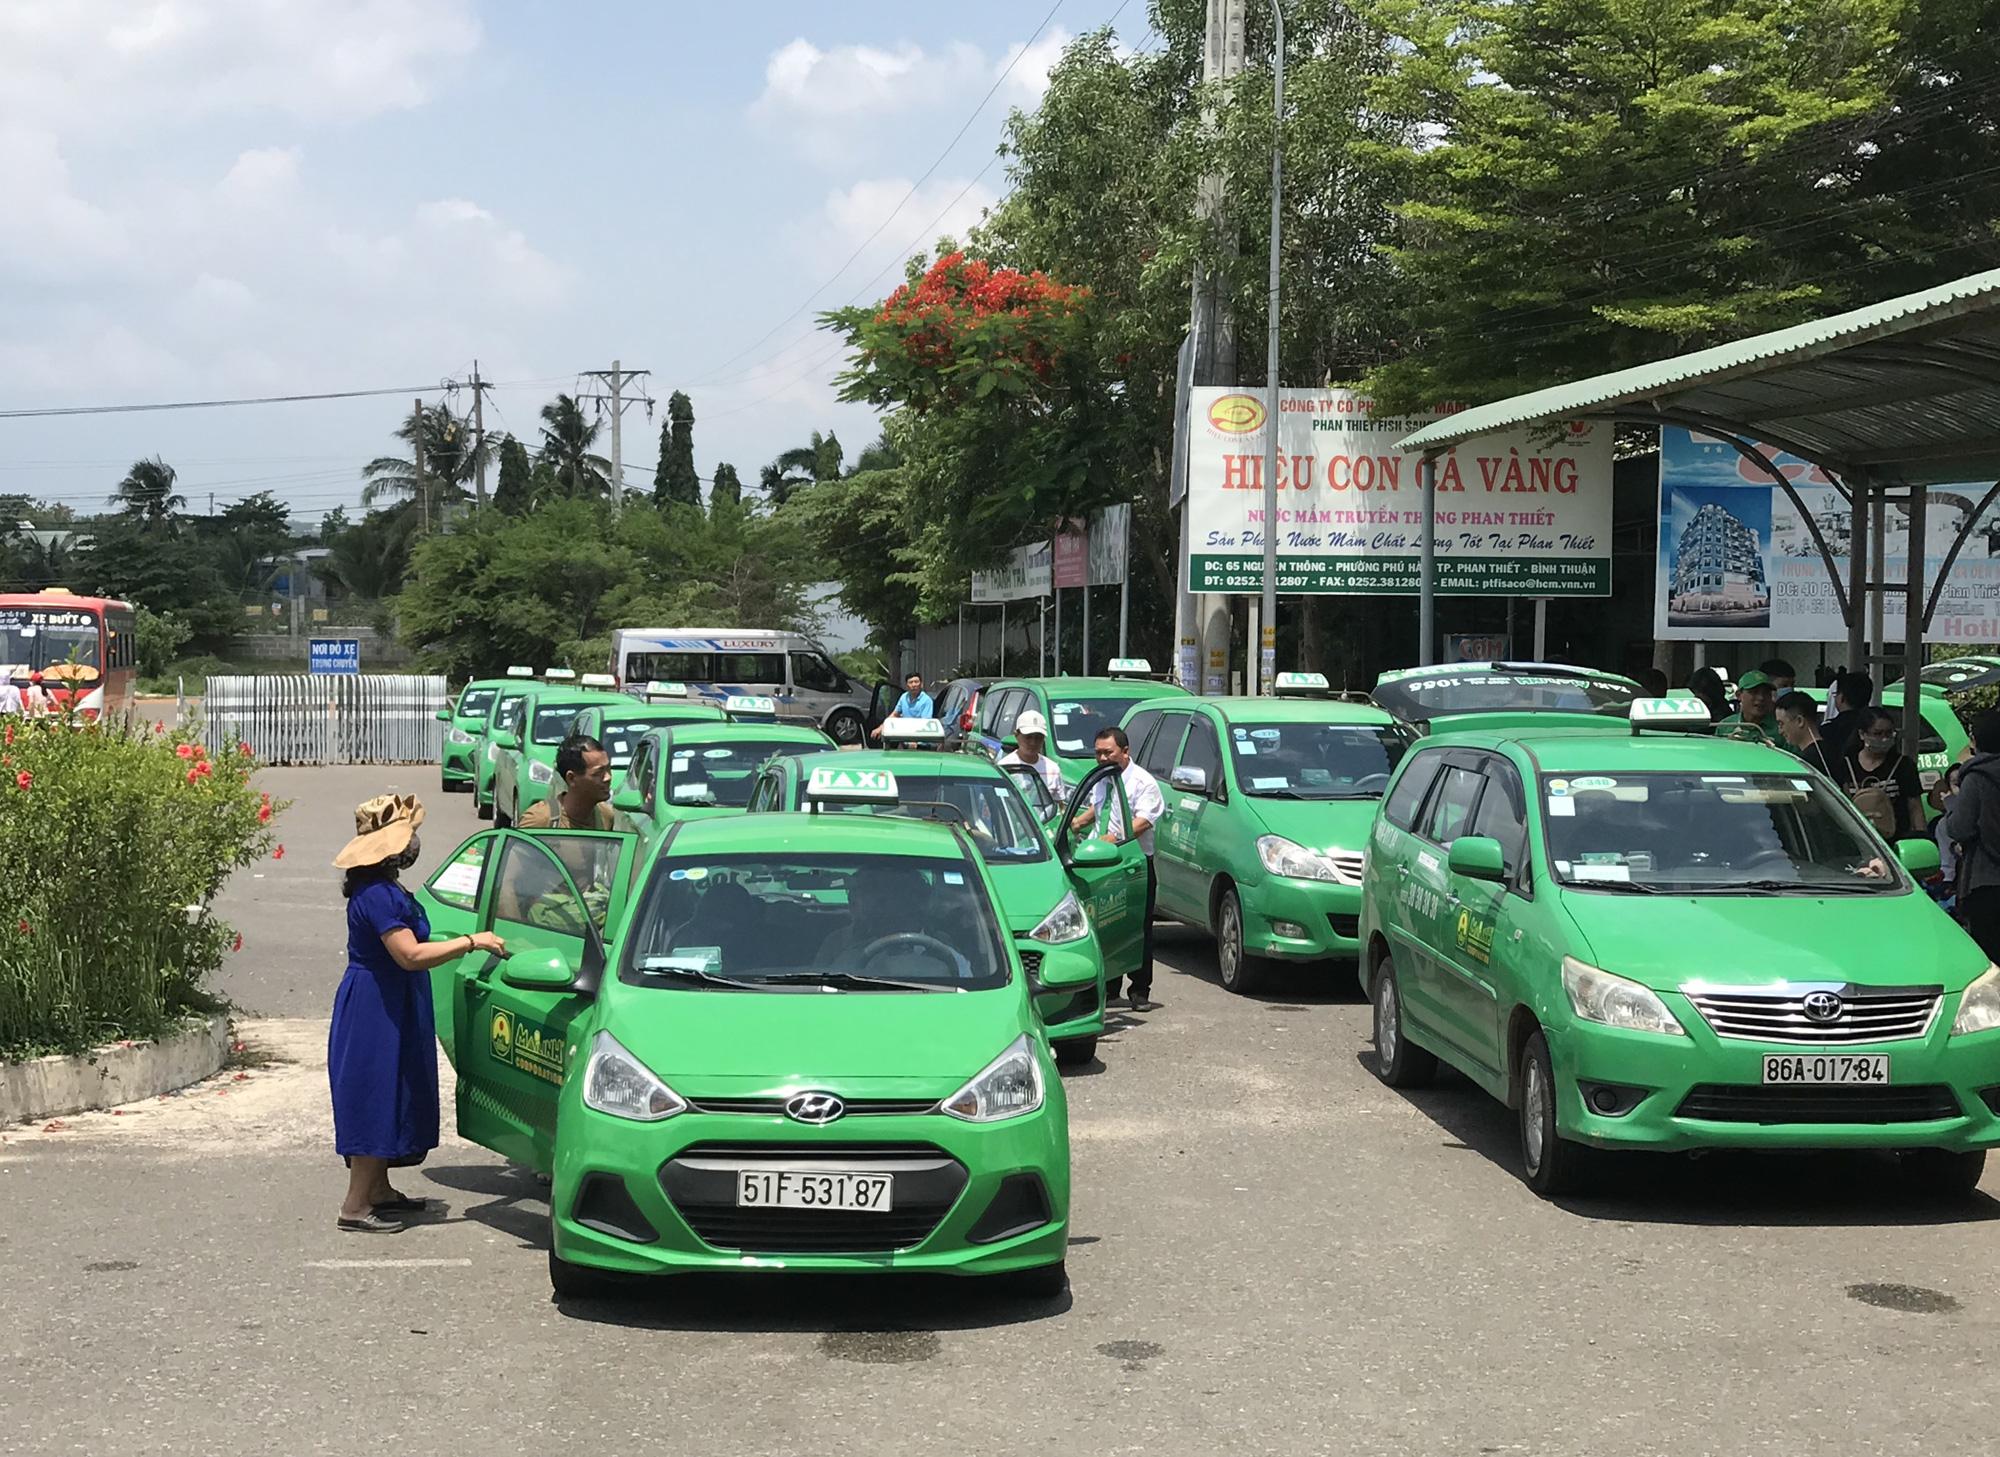 TP HCM quyết định cho taxi, Grab, be, xe khách liên tỉnh hoạt động lại hôm nay, xe buýt chờ tới 3/5 - Ảnh 1.